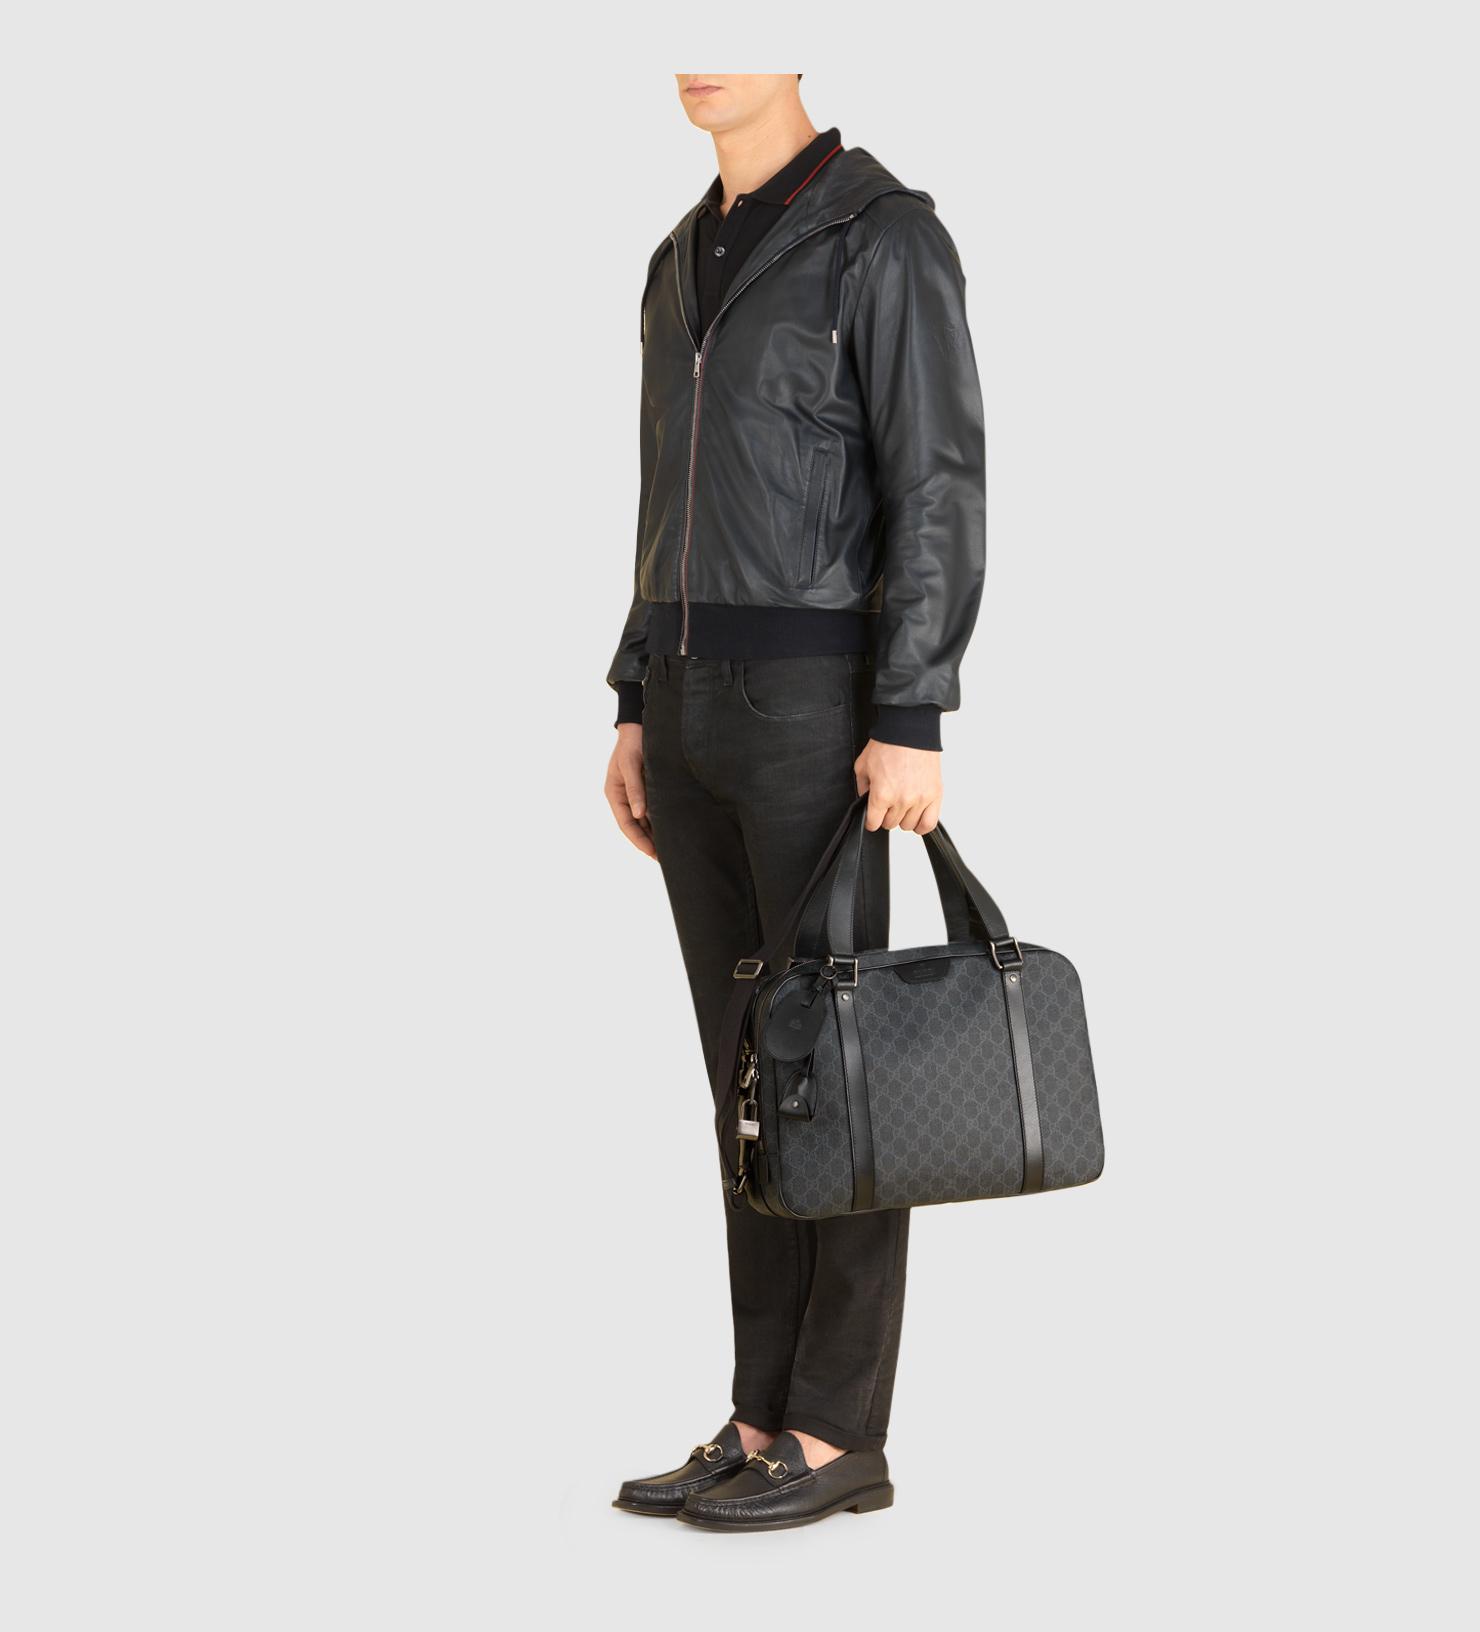 ff85368ddbf9 Gucci Gg Supreme Canvas Briefcase in Black for Men - Lyst